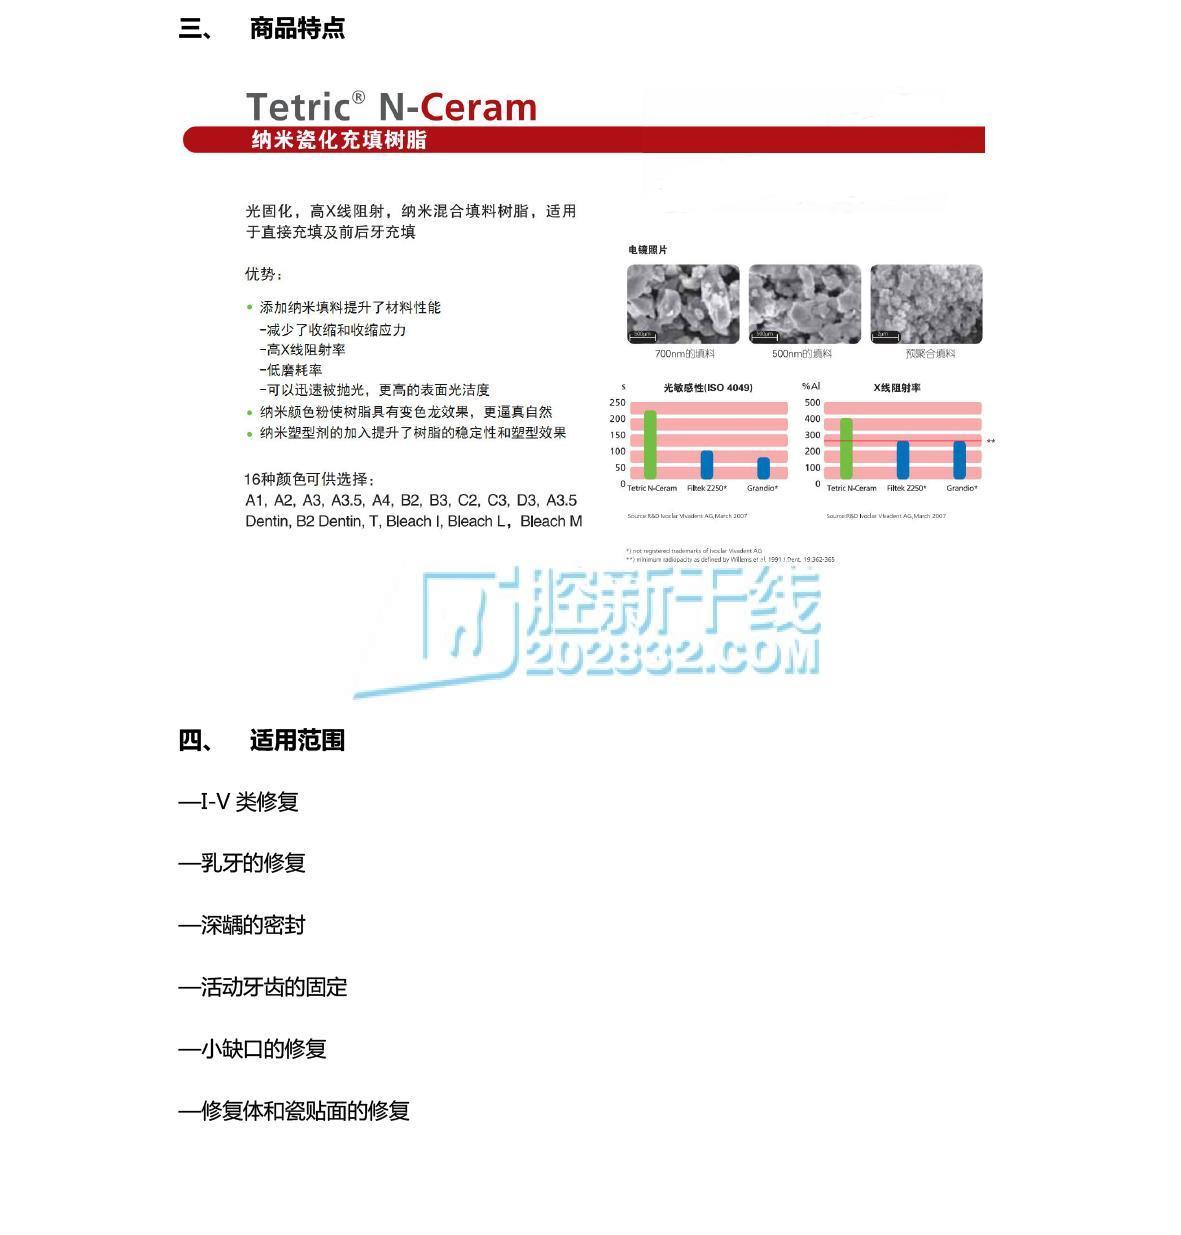 义获嘉伟瓦登特IvoclarVivadent Tetric N-Ceram 瓷化纳米树脂-2.jpg